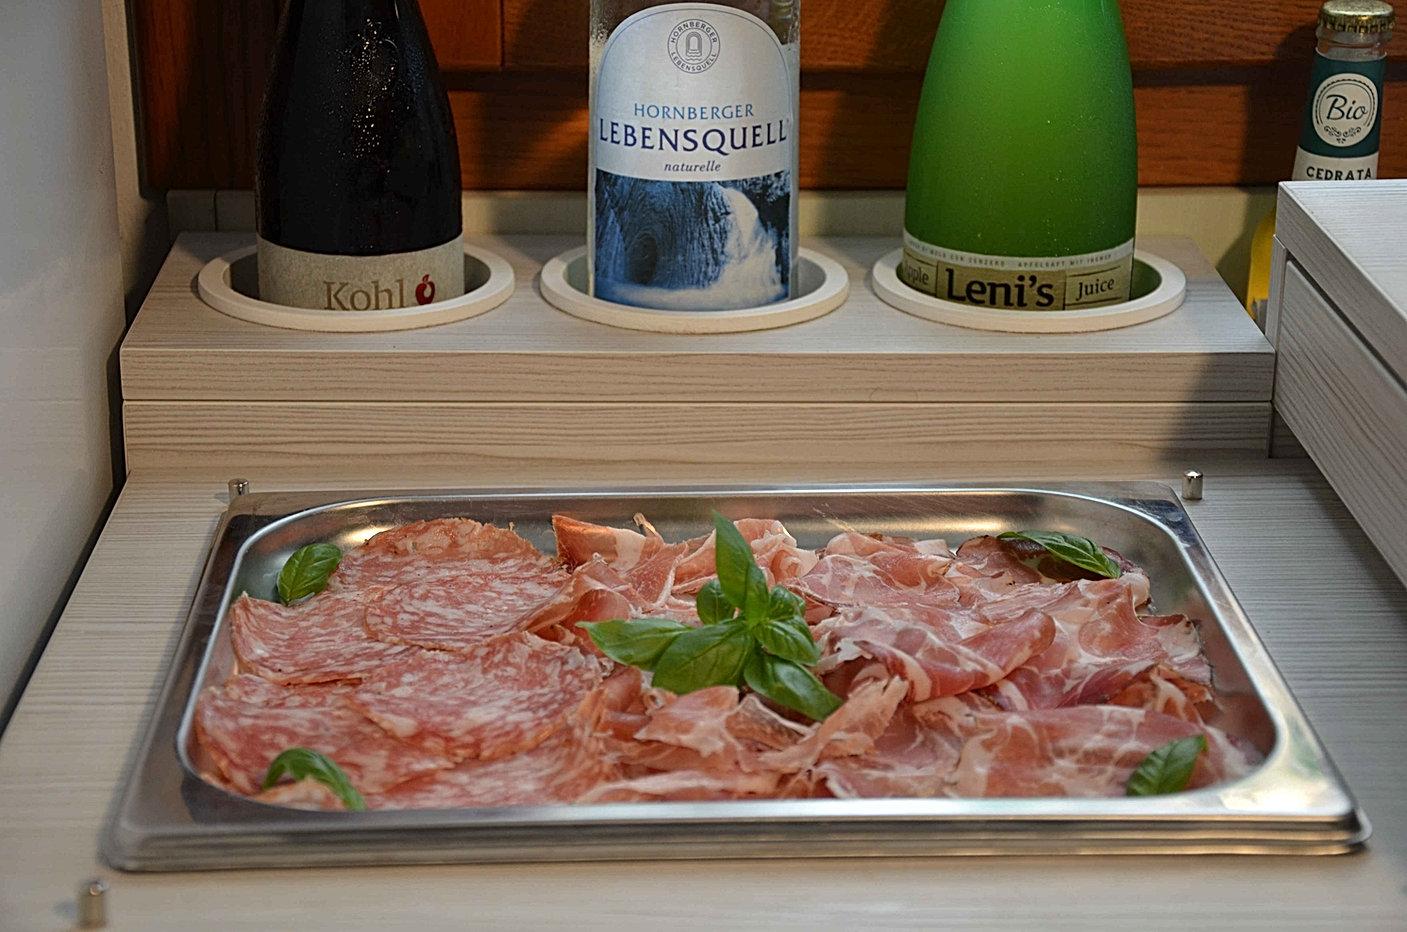 Colazione presso il Bed and Breakfast Melograno MC, dettaglio del buffet con salumi e bottiglie